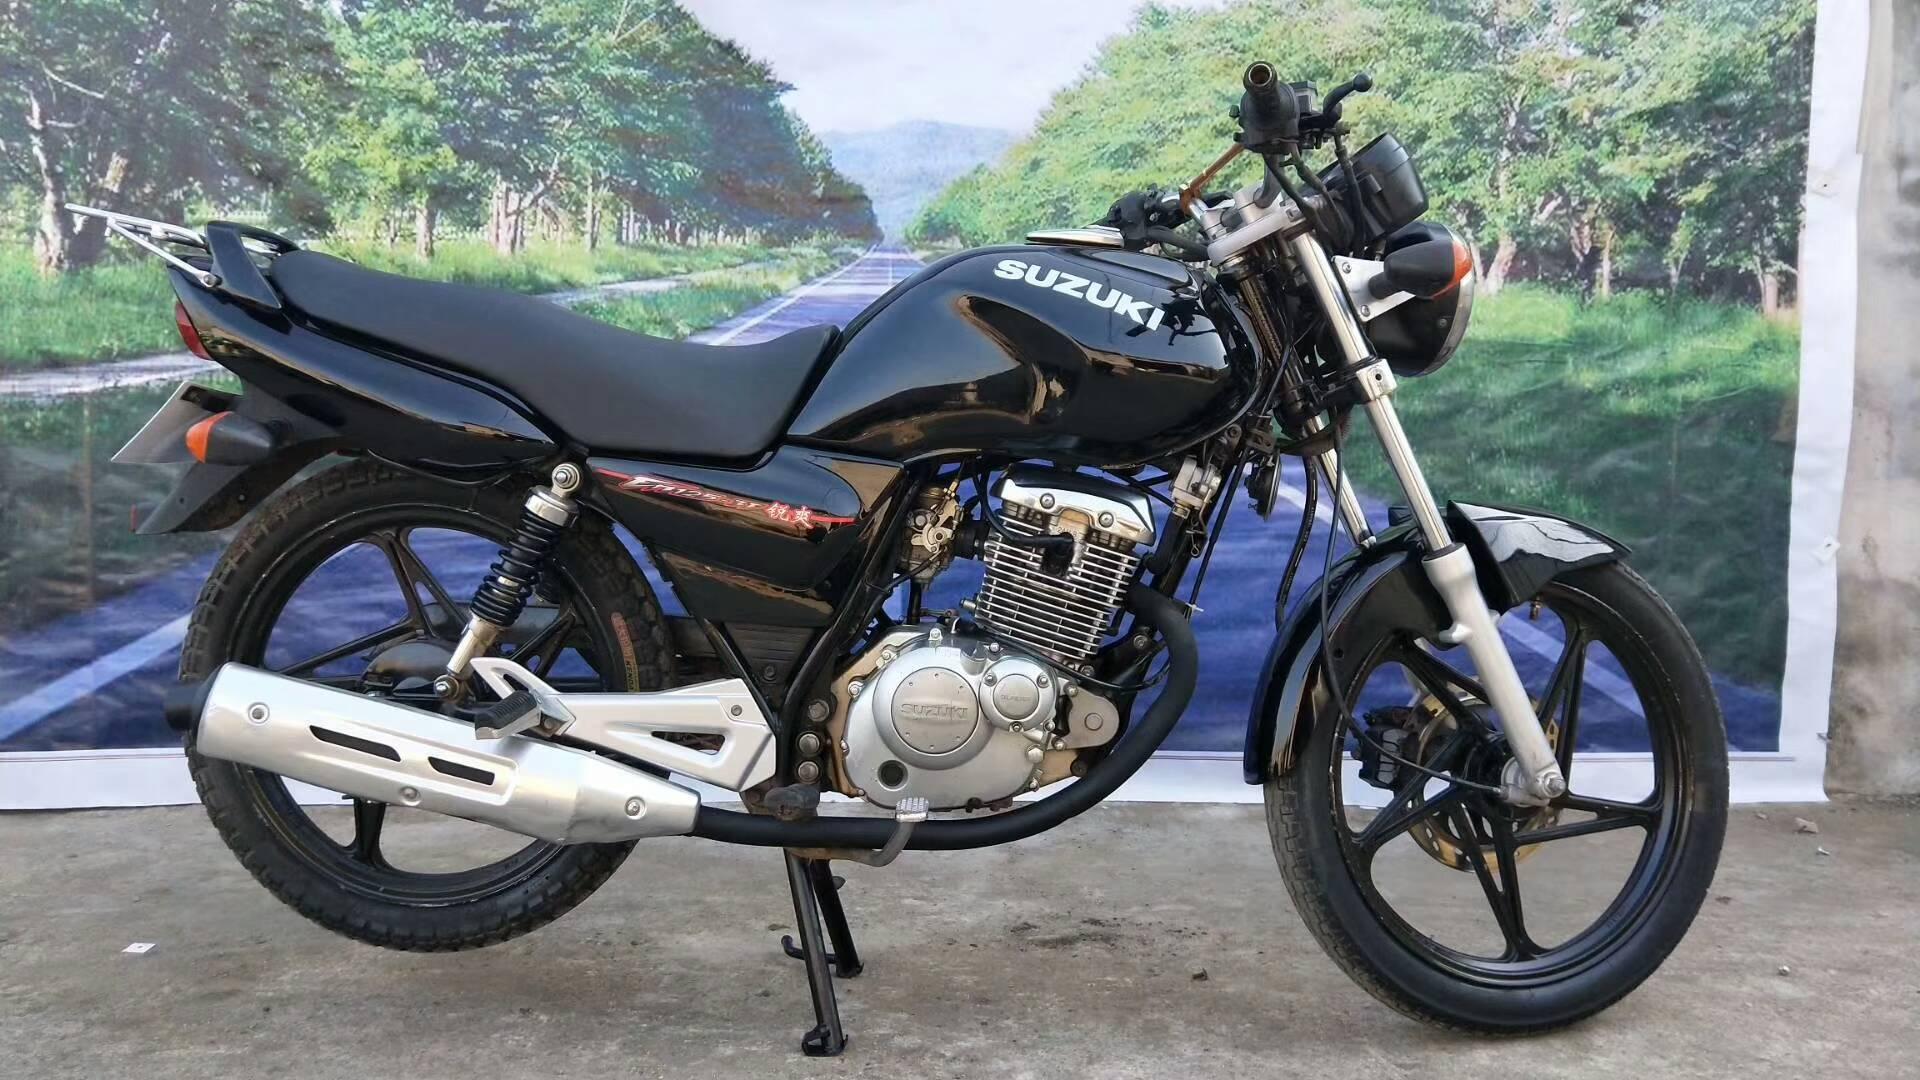 Ban đầu được sử dụng Suzuki khoan Leopard Shuangshuang xe máy xe 125cc bốn thì người đàn ông của straddle cưỡi xe đường phố